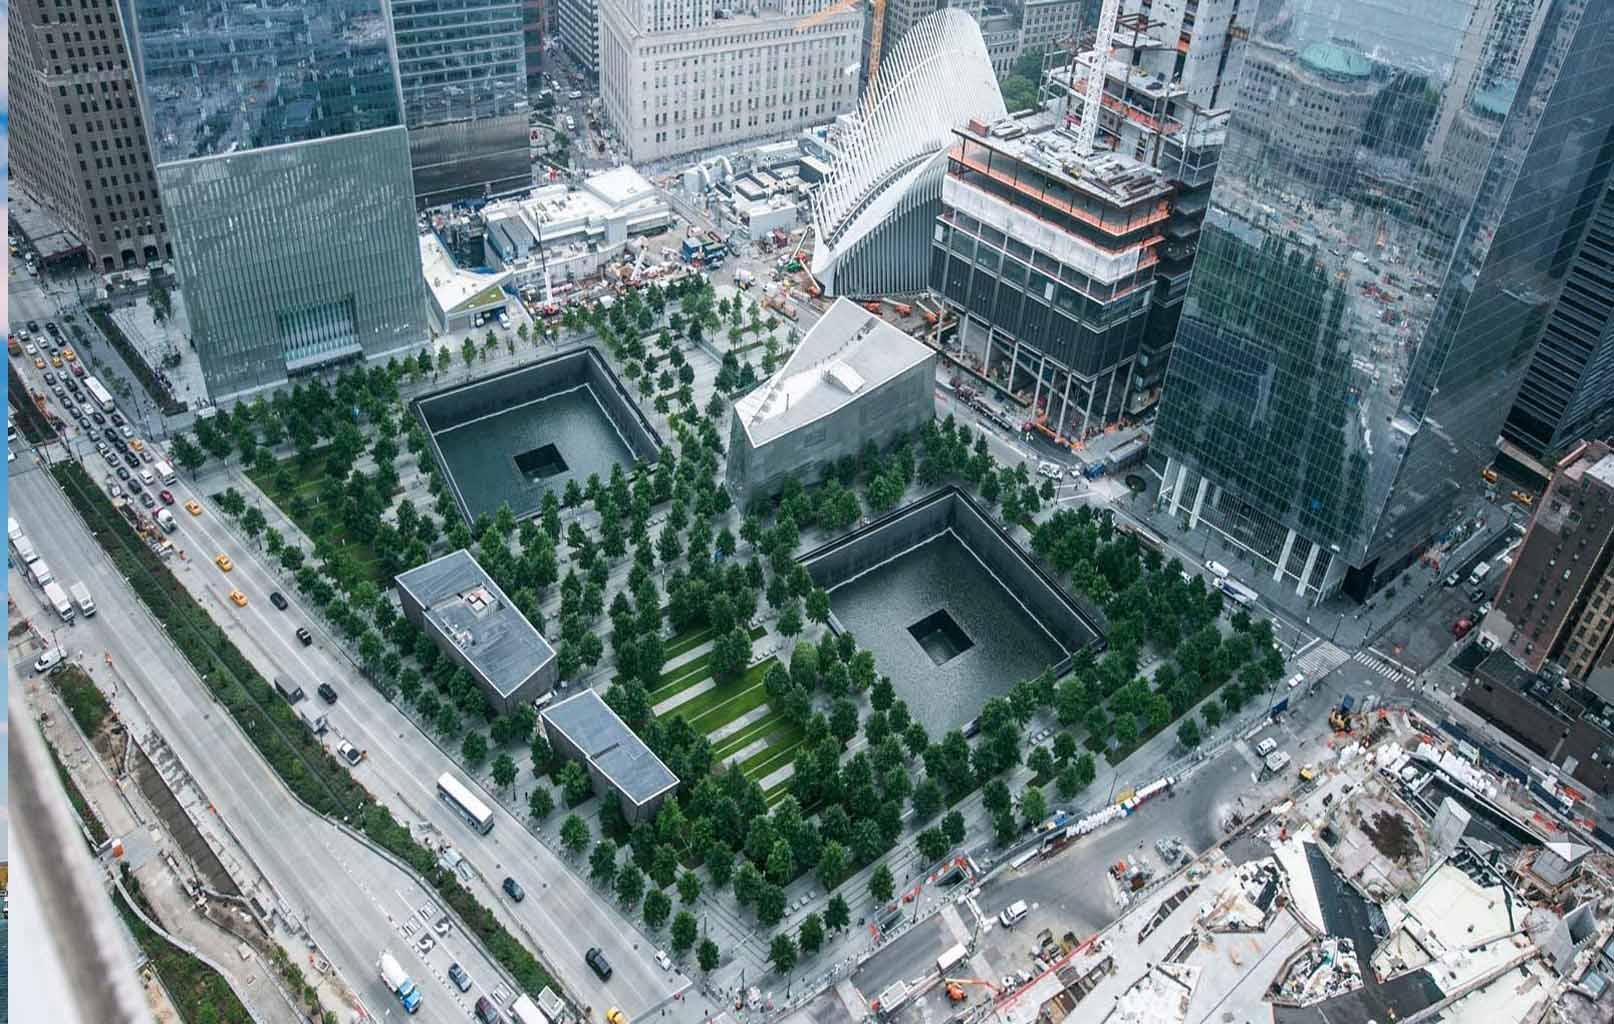 Điểm 0 - Ground Zero